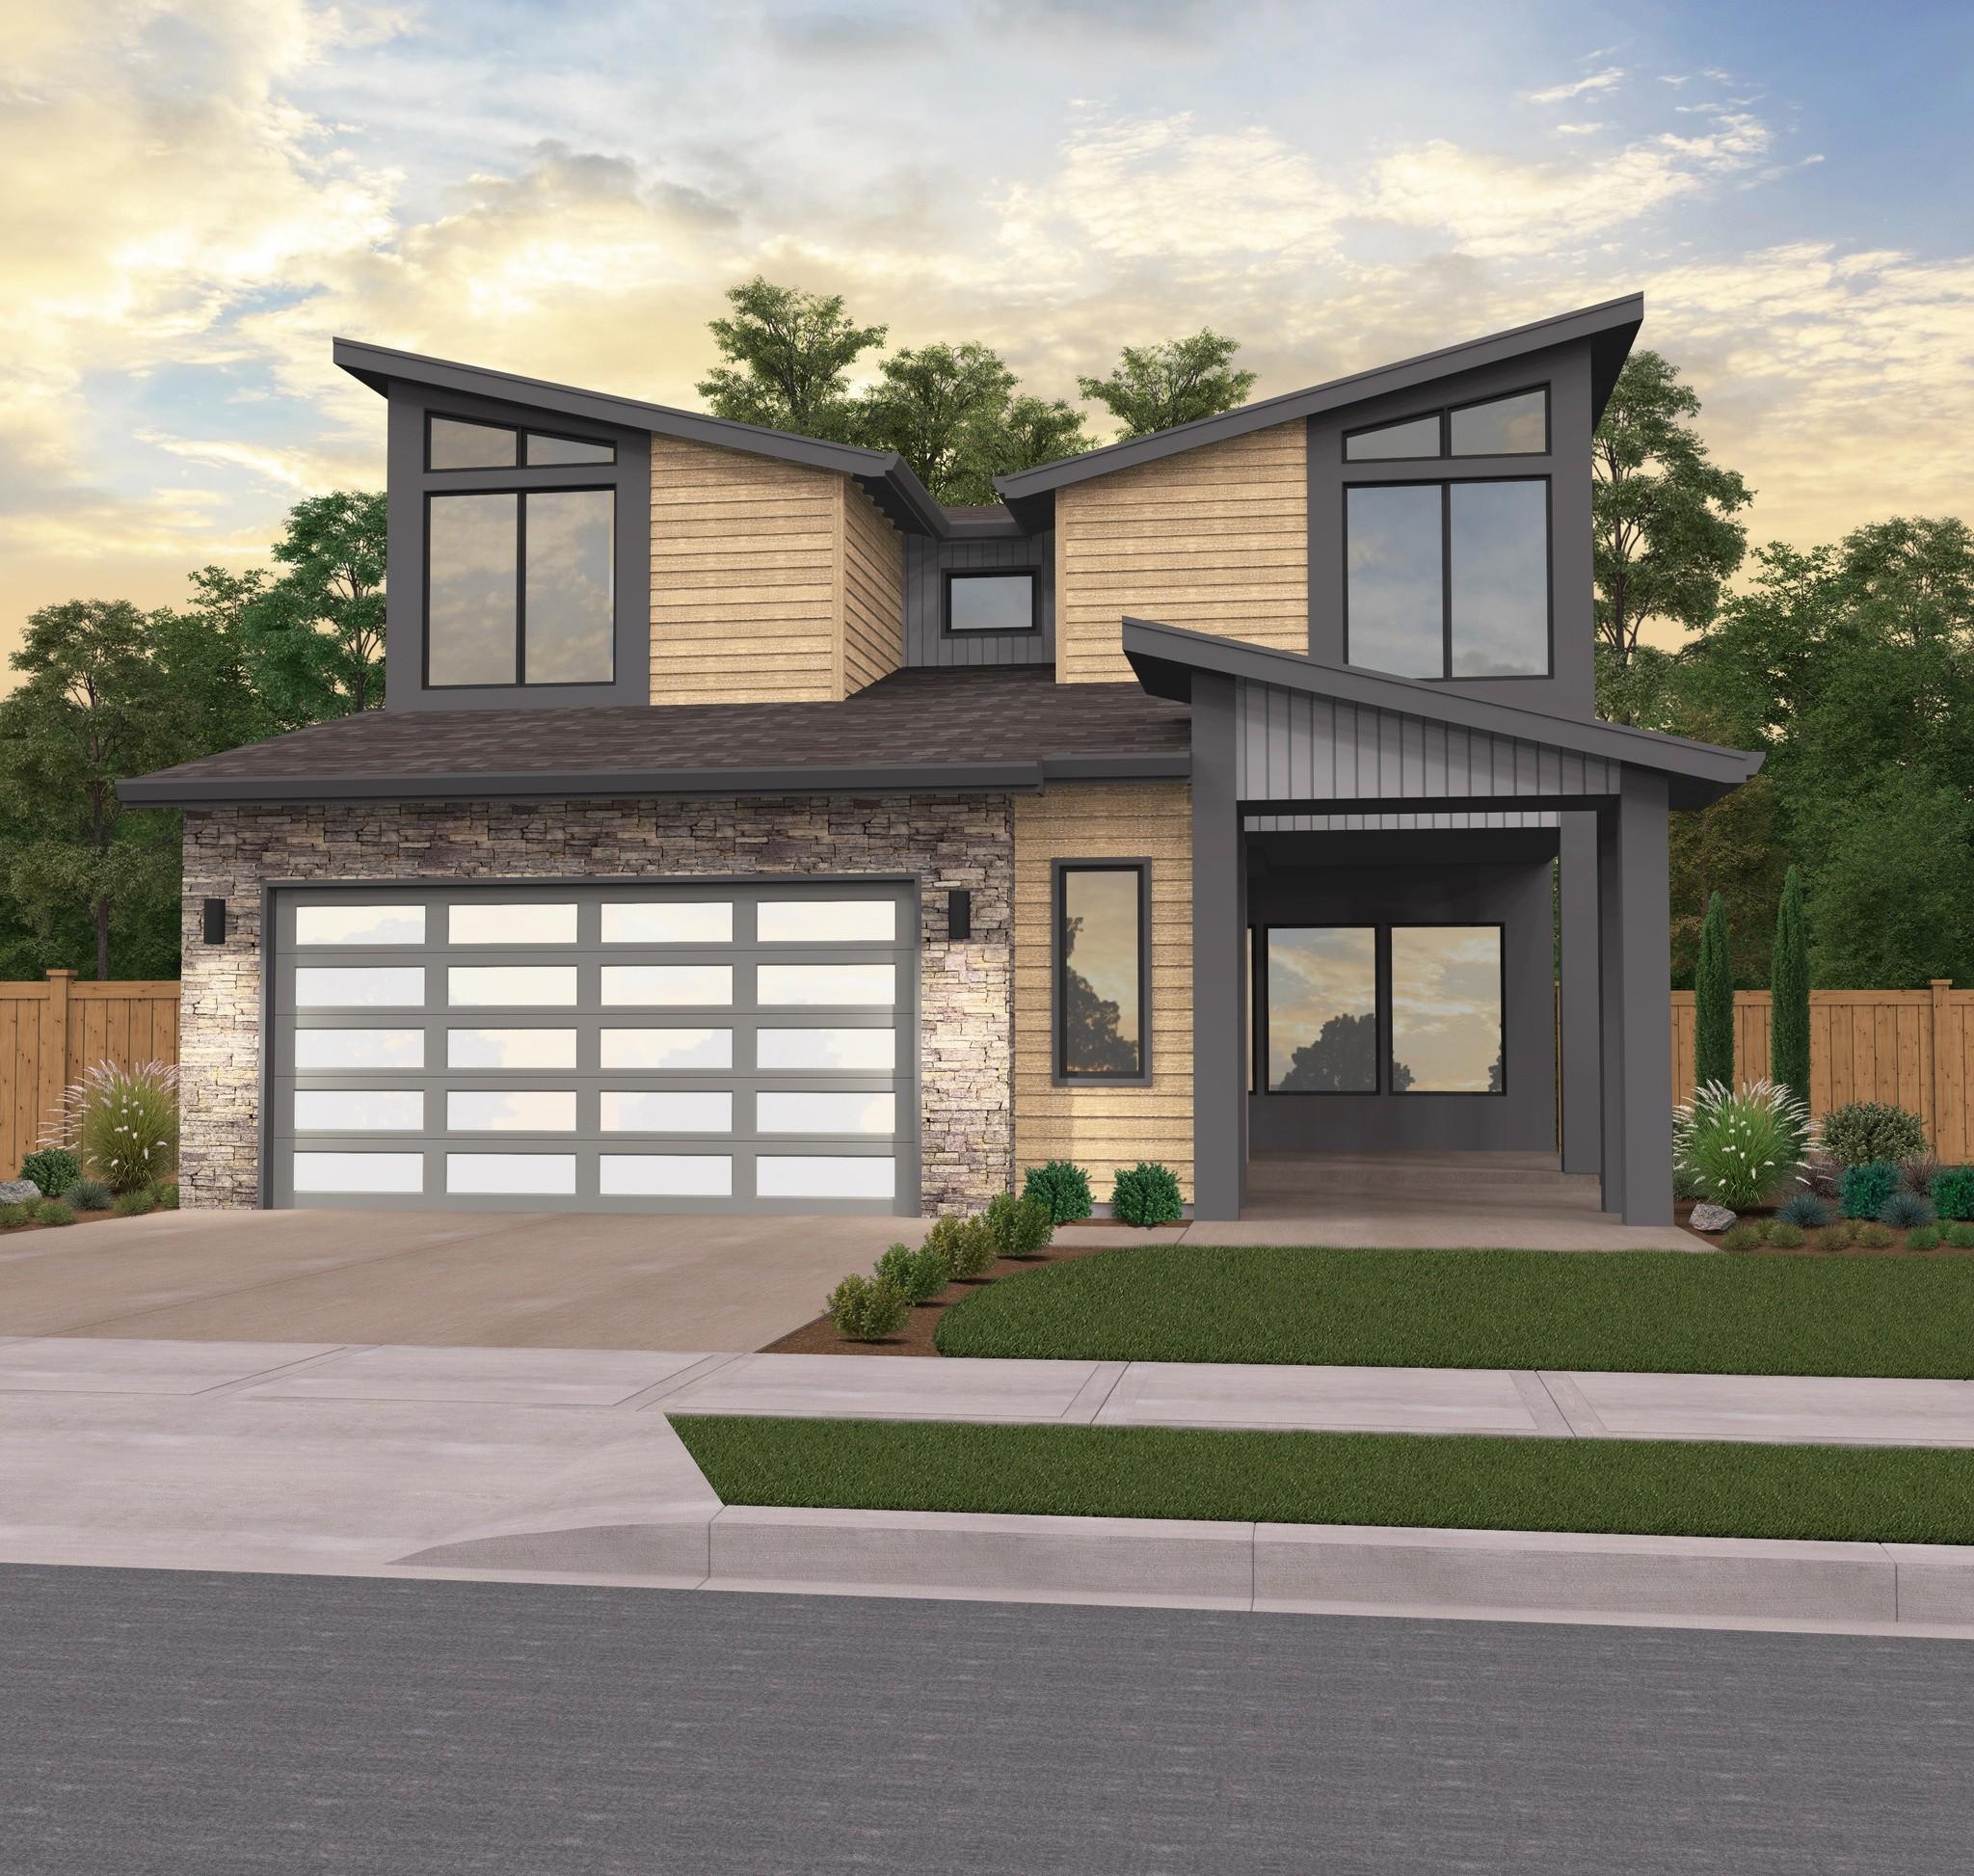 Detached Garage Plan By Mark Stewart Home Design: Modern Home By Mark Stewart Home Design